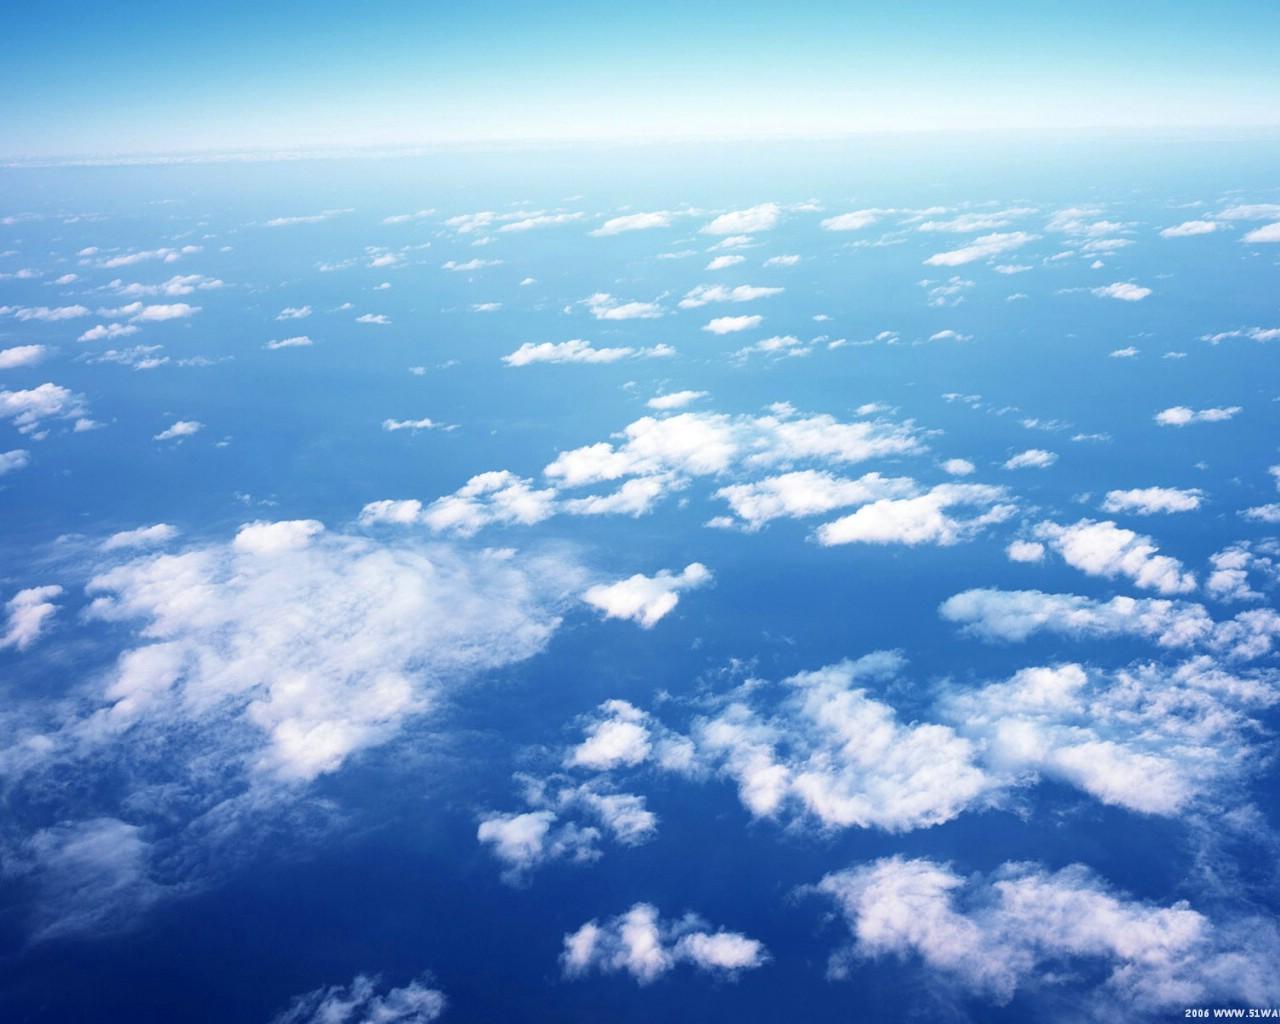 壁纸1280×1024蓝天白云 2壁纸 蓝天白云2壁纸图片人文壁纸人文图片素材桌面壁纸